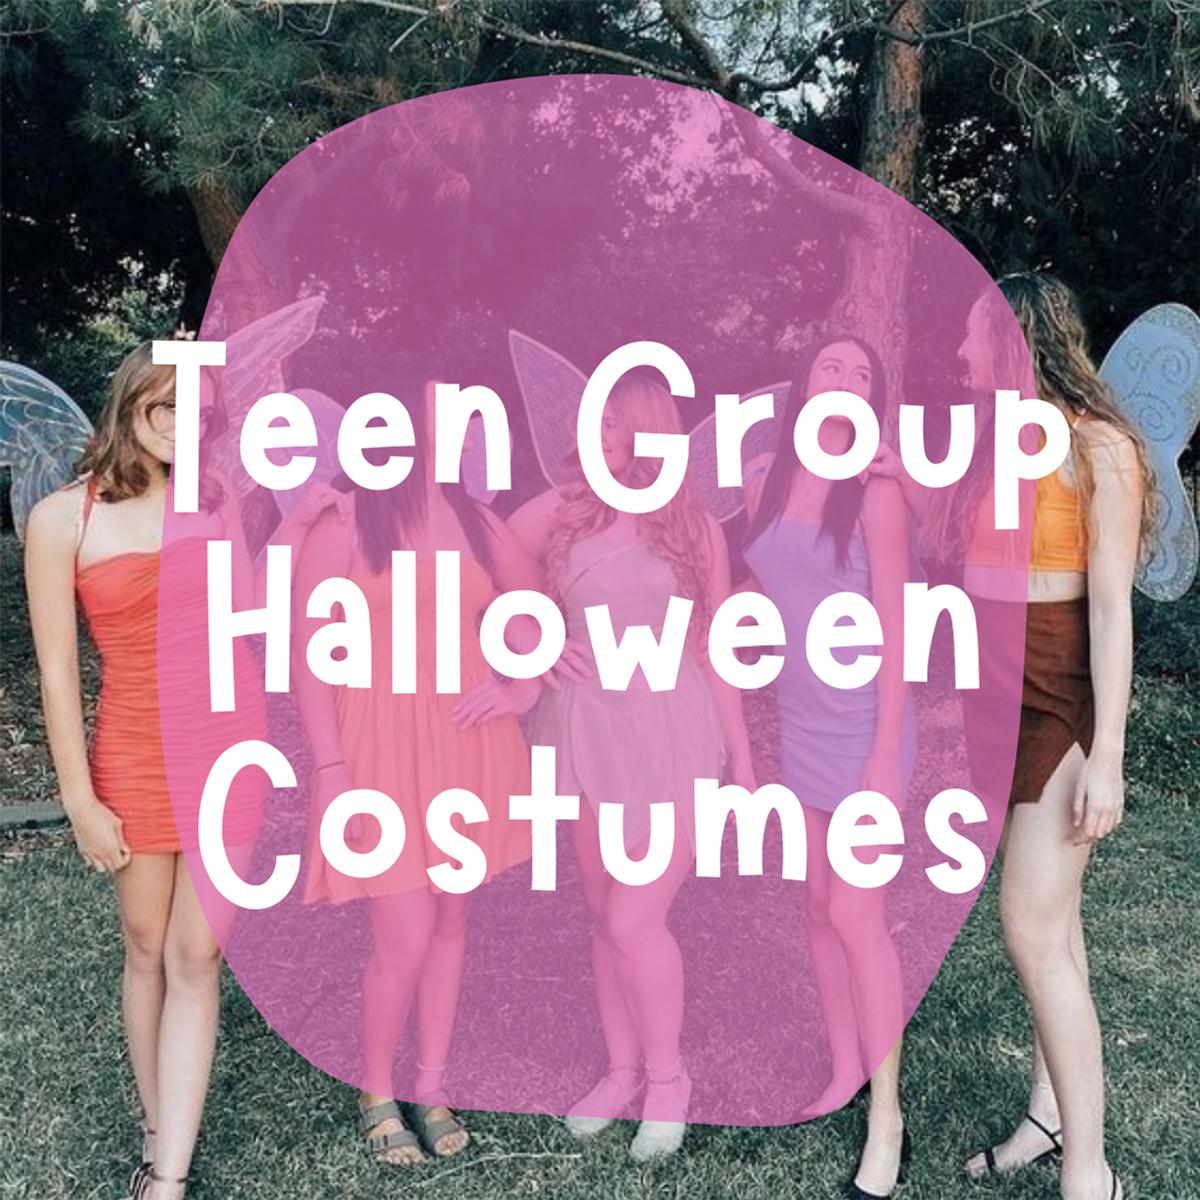 Teen Group Halloween Costumes